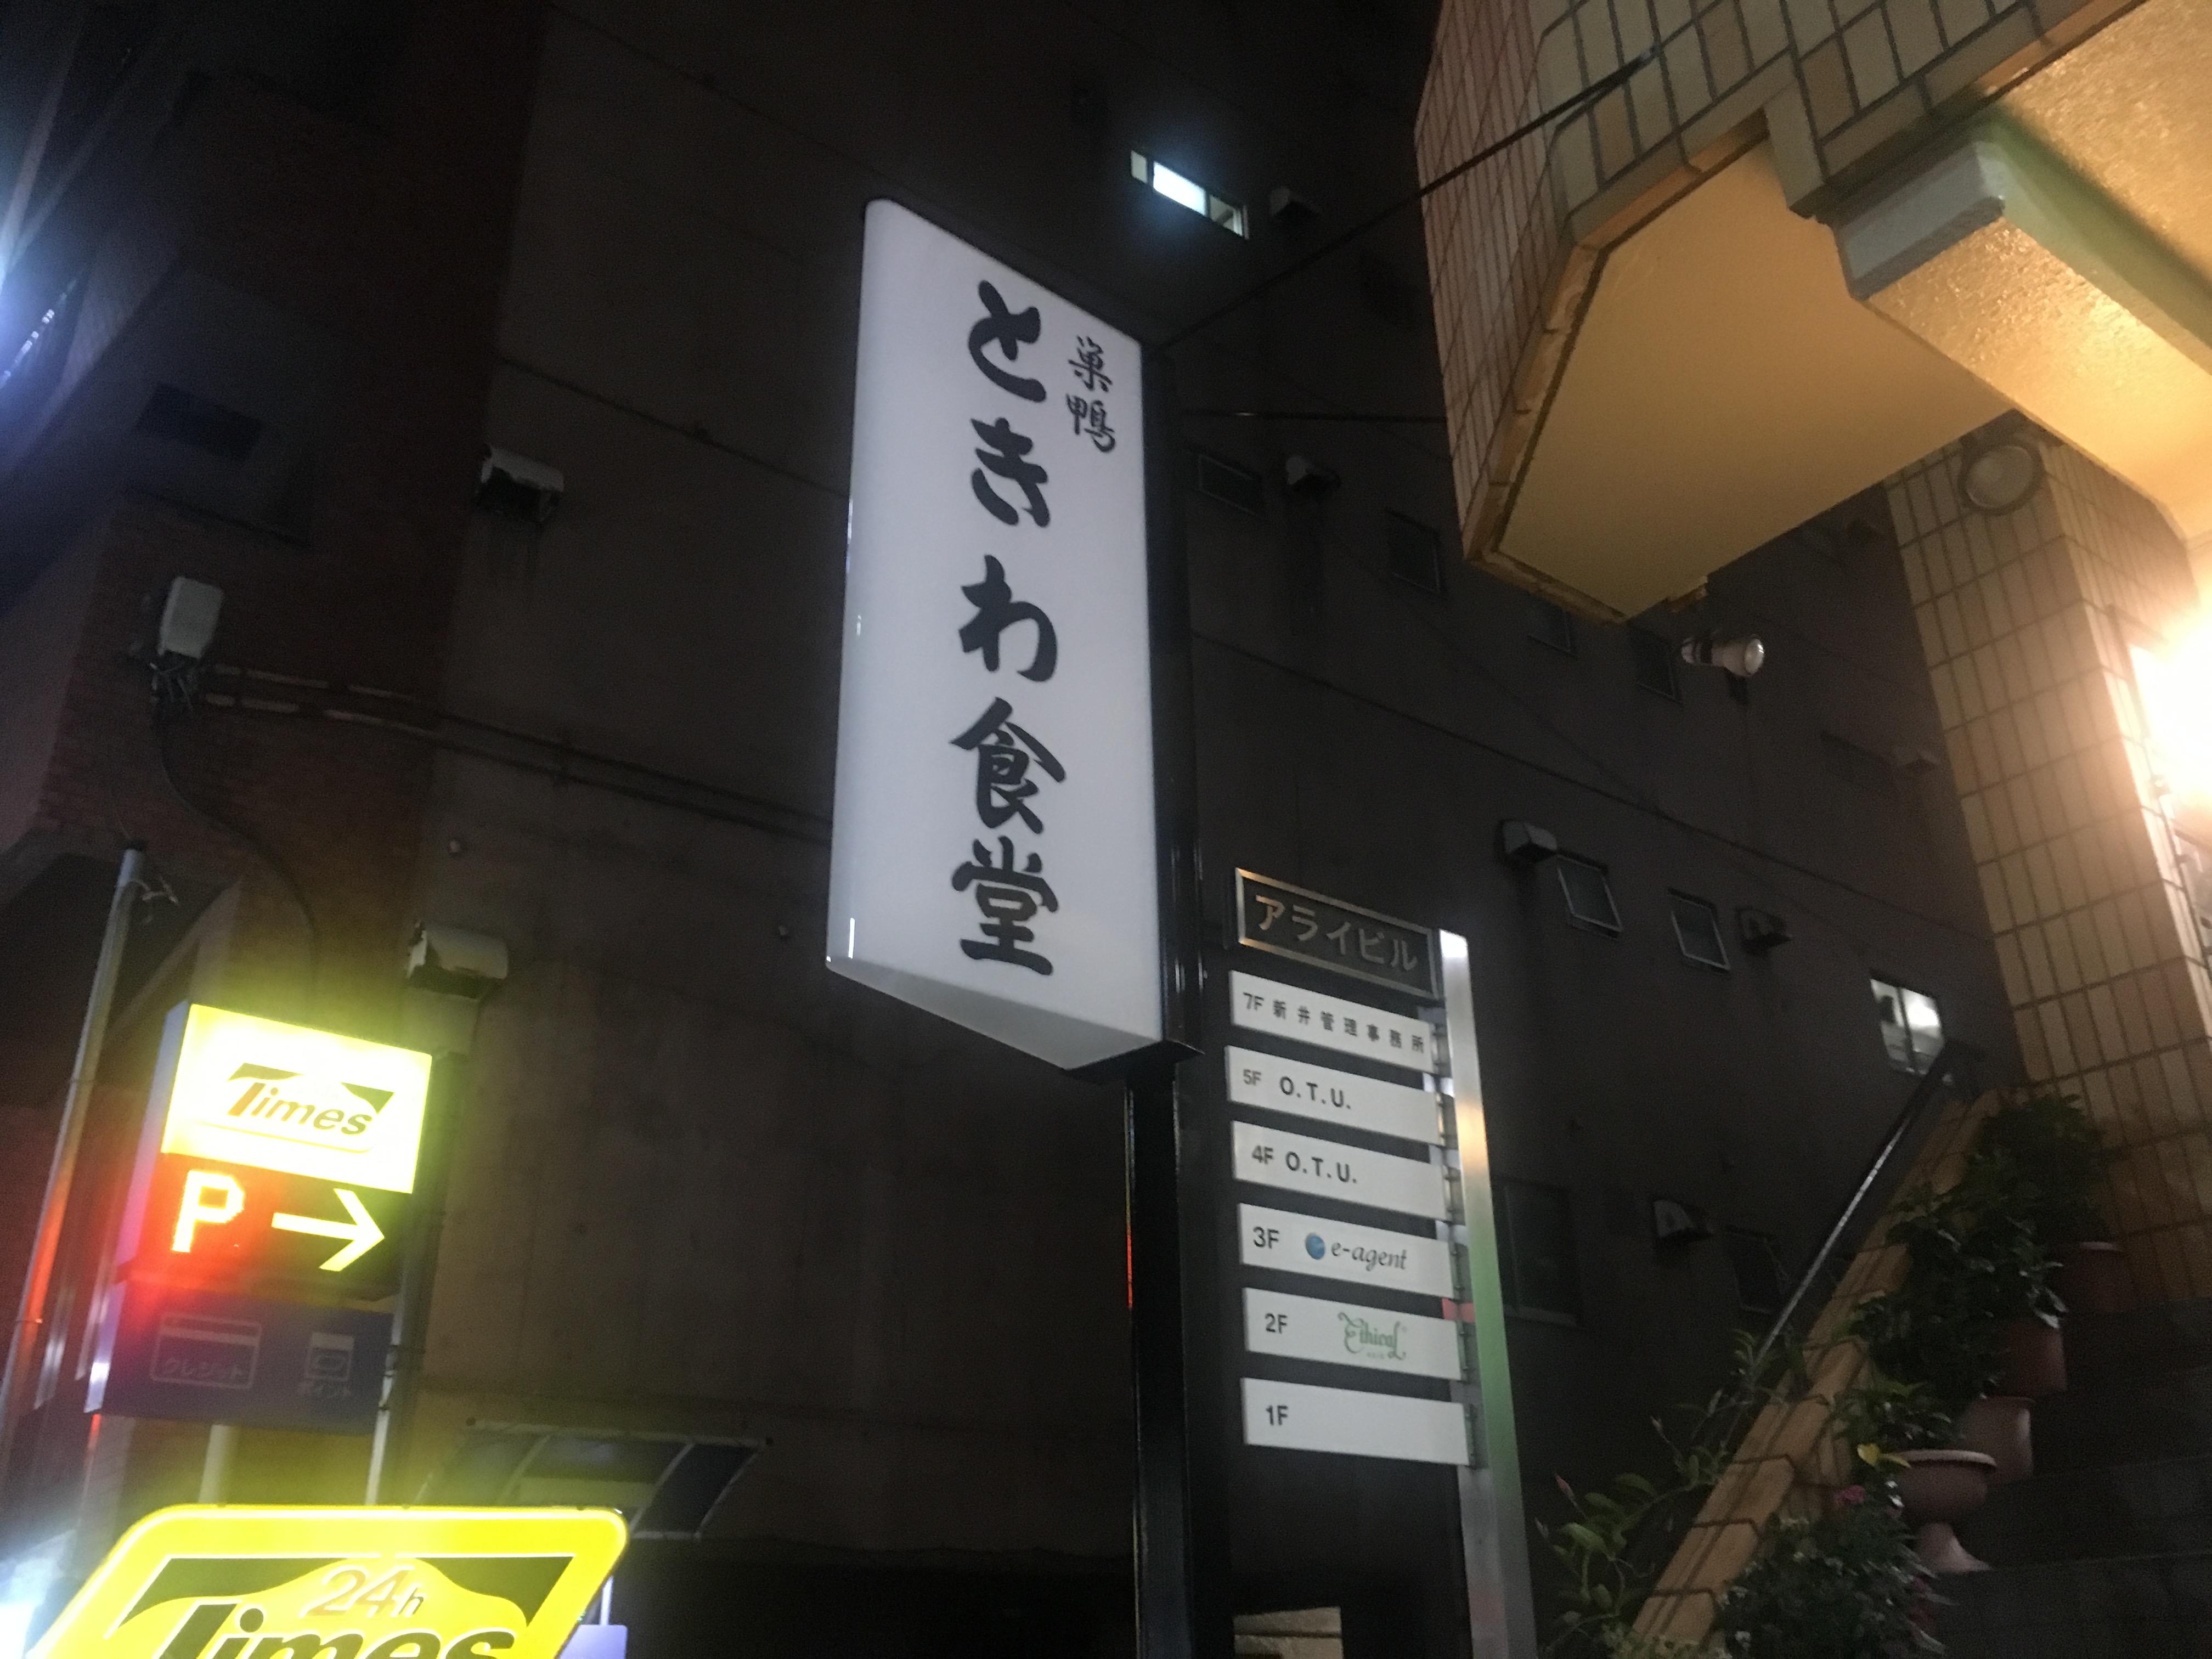 【大塚駅】大塚に、あの「巣鴨 ときわ食堂」がやってくる!?YES!開店までカウントダウン開始!の開店前の看板